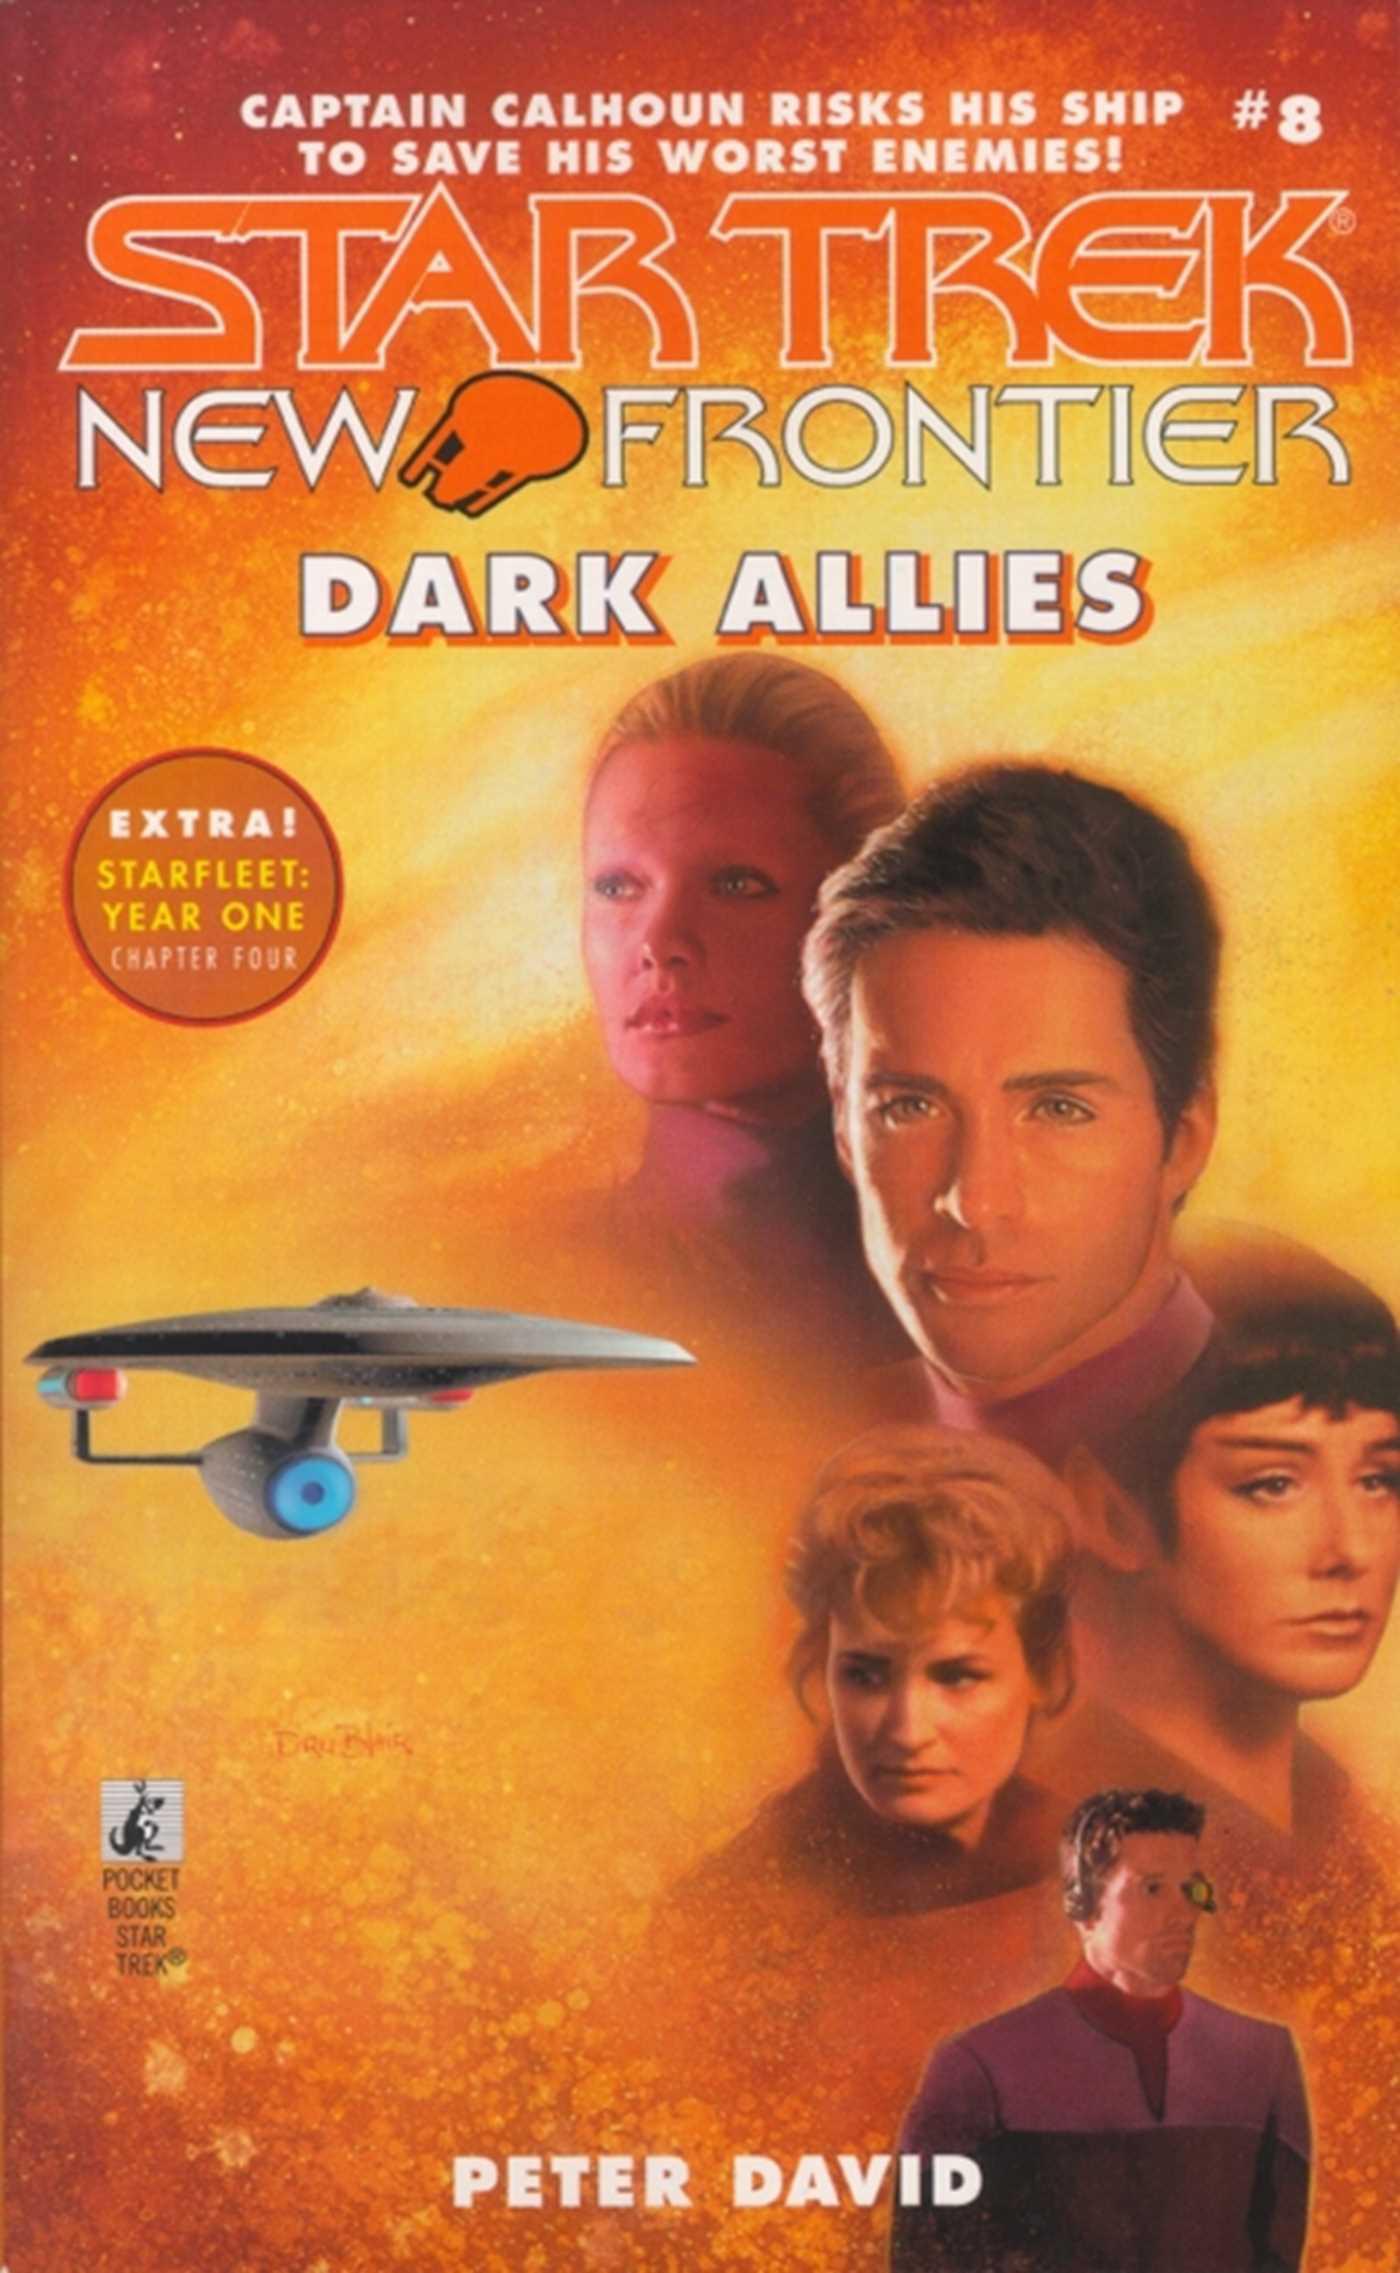 Dark allies 9780743455756 hr